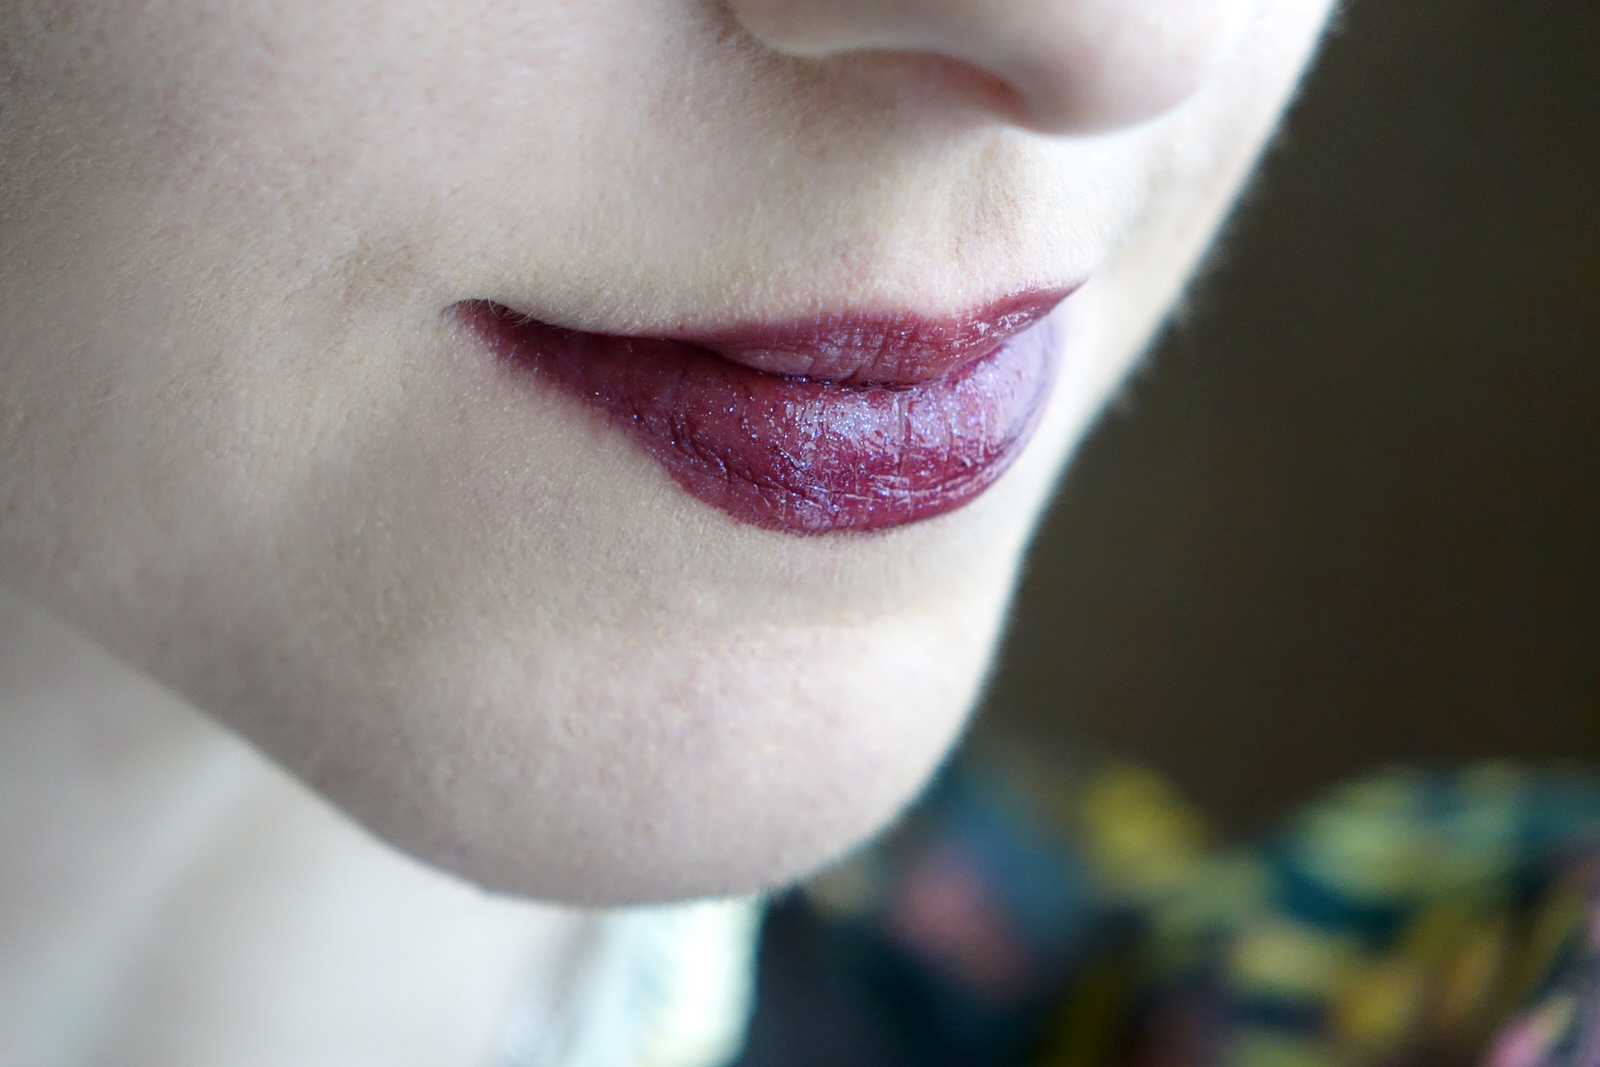 Les nouveaux rouges à lèvres Slip Shine Sheer Shinny Lipstick de Fenty Beauty